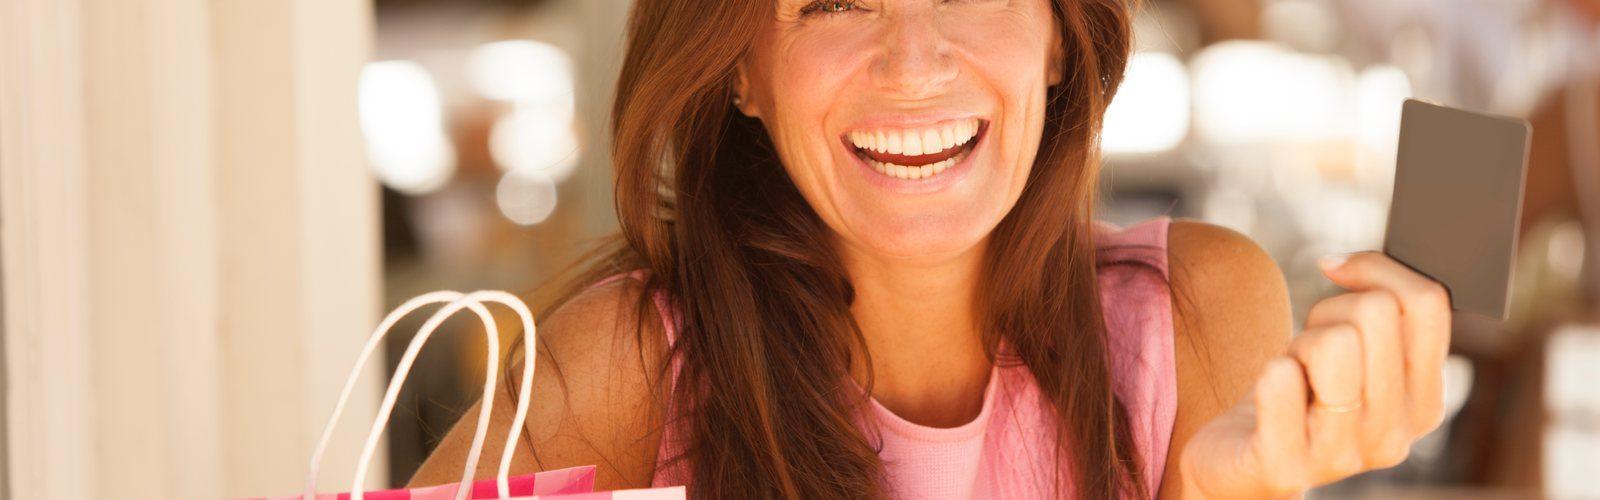 Eine dunkelhaarige Frau im rosa Kleid mit Einkaufstüte und Kreditkarte in der Hand schaut in die Kamera.